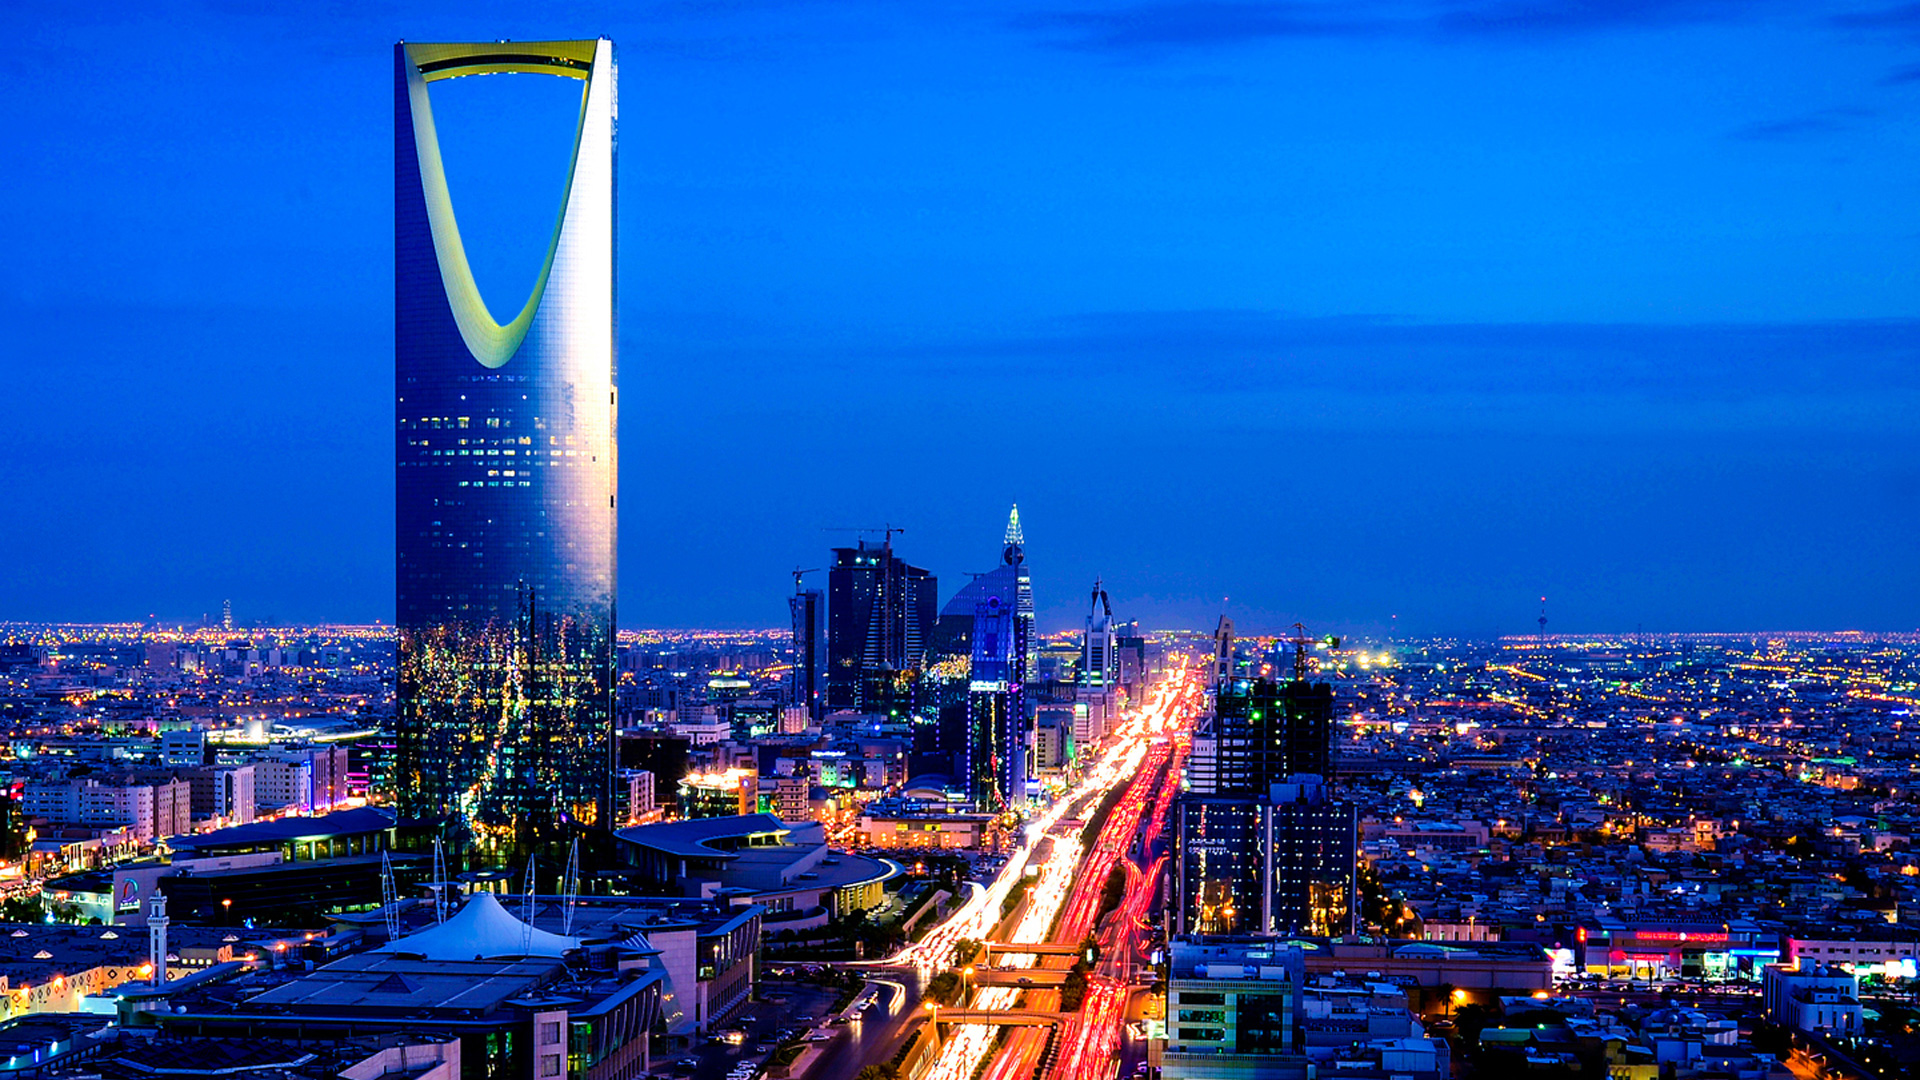 مطلوب فوراً عدد من المدراء و الموظفين للعمل في السعودية